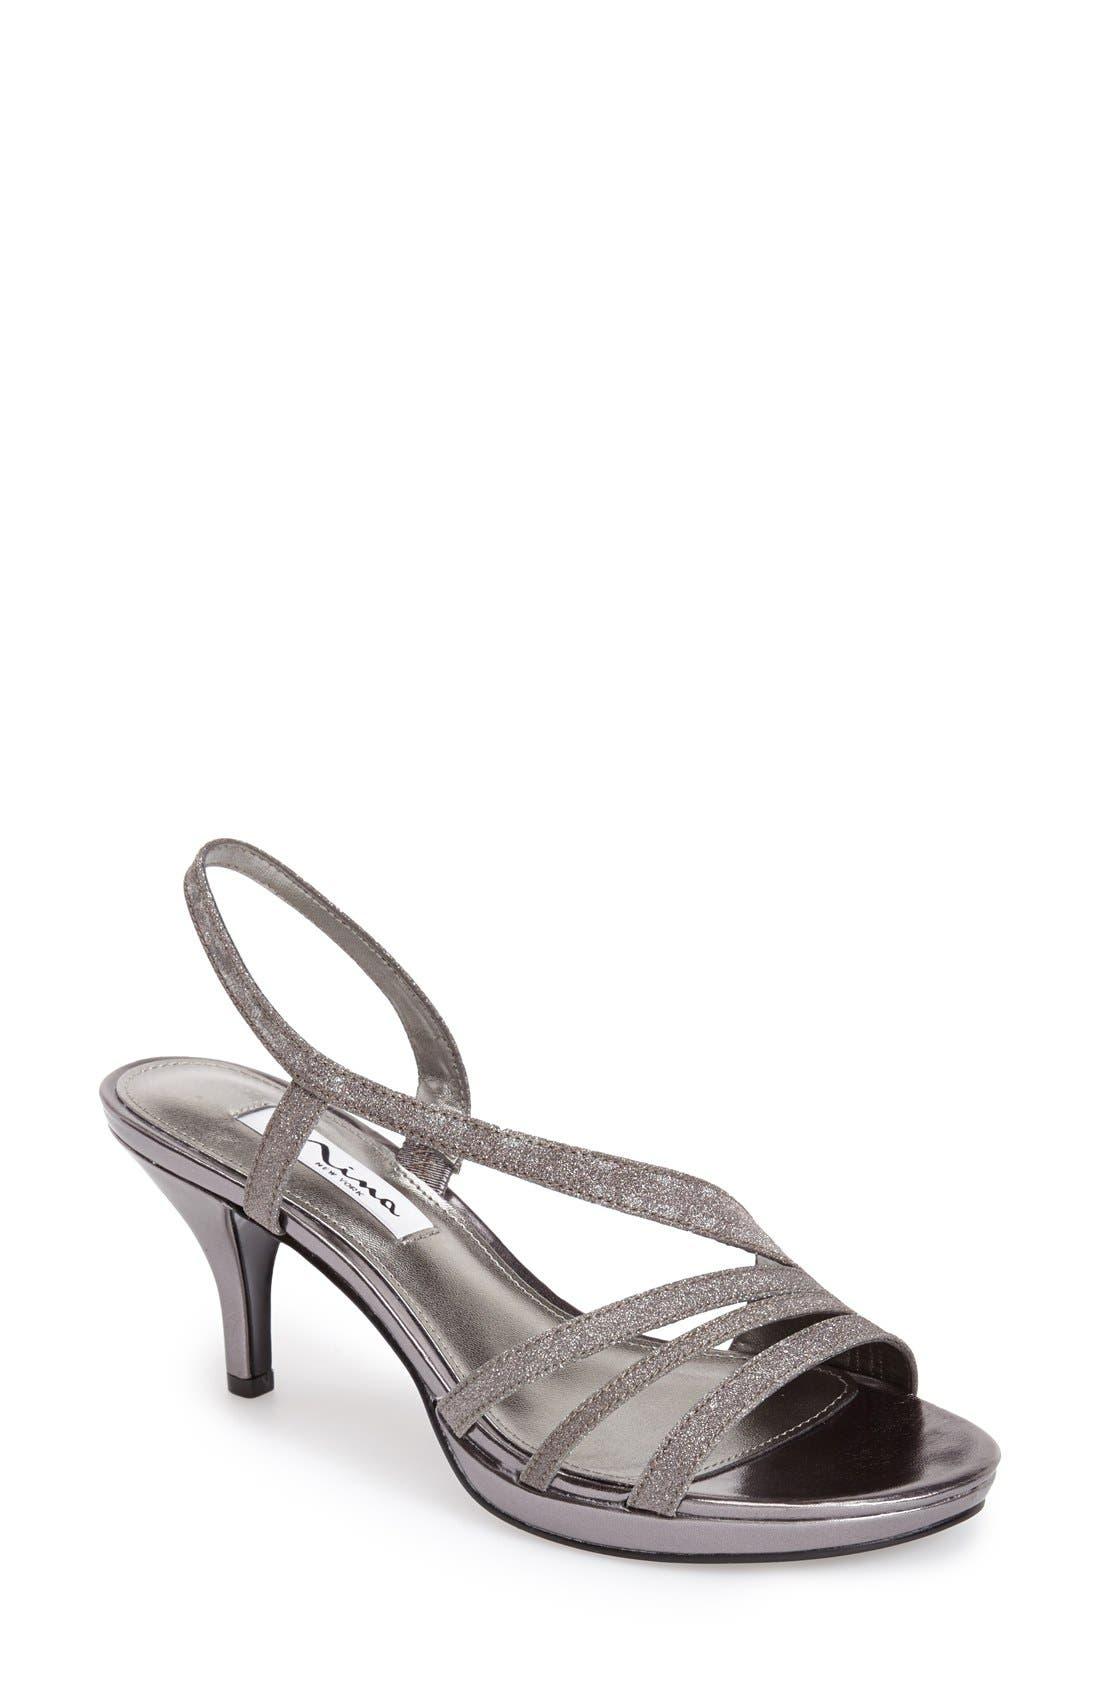 'Neely' Slingback Platform Sandal,                             Main thumbnail 1, color,                             CHARCOAL